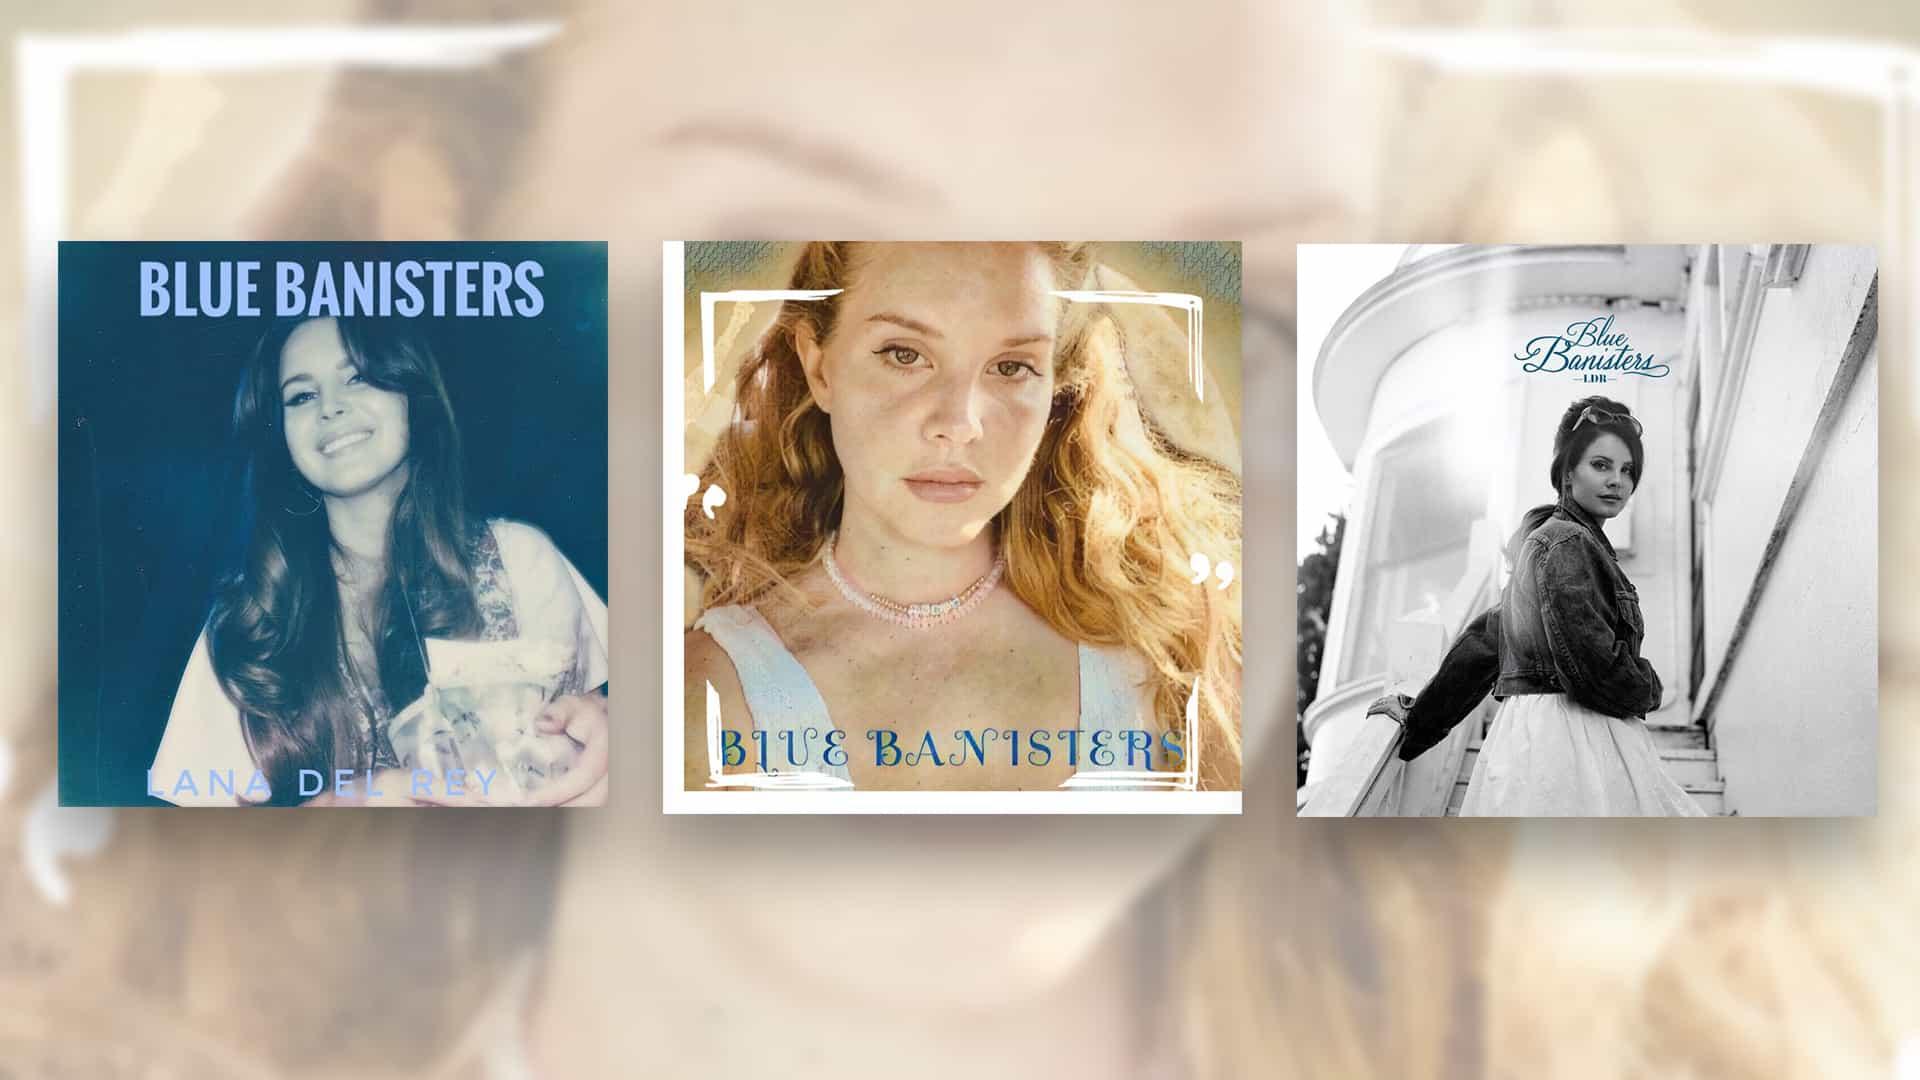 La carátula del nuevo álbum de Lana del Rey está siendo brutalmente ridiculizada